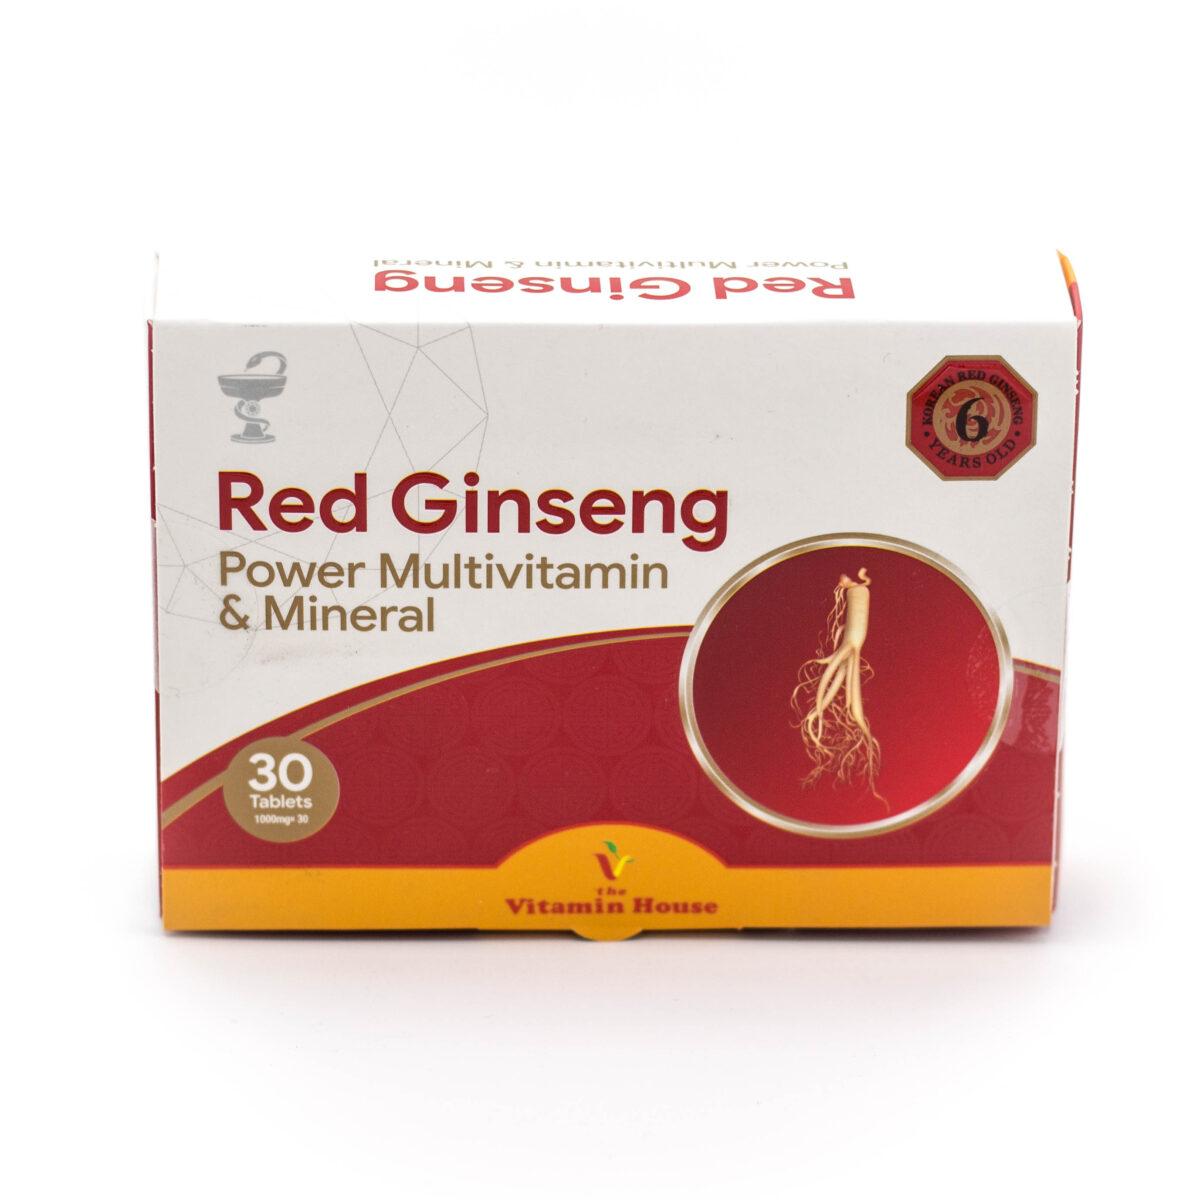 ردجینسینگ پاور مولتی ویتامین و مینرال Red Ginseng